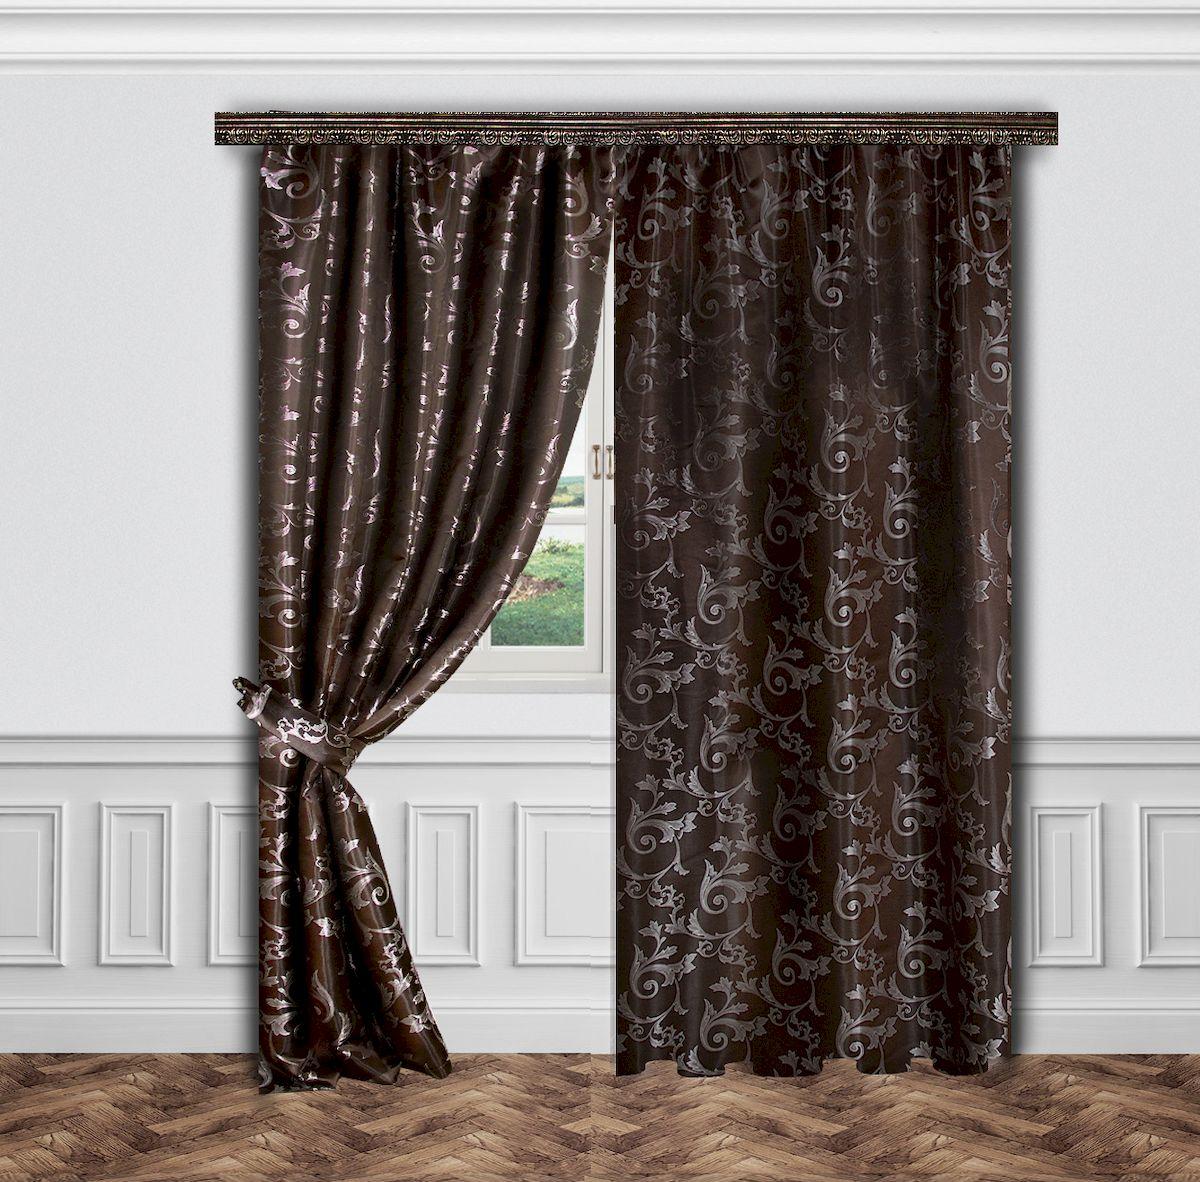 Комплект штор Zlata Korunka, на ленте, цвет: коричневый, высота 260 см. 55638DW90Роскошный комплект штор Zlata Korunka, выполненный из полиэстера, великолепно украсит любое окно. Комплект состоит двух штор и двух подхватов. Изящный узор и приятная цветовая гамма привлекут к себе внимание и органично впишутся в интерьер помещения. Этот комплект будет долгое время радовать вас и вашу семью!Комплект крепится на карниз при помощи ленты, которая поможет красиво и равномерно задрапировать верх.В комплект входит: Штора: 2 шт. Размер (Ш х В): 145 см х 260 см.Подхват: 2 шт.